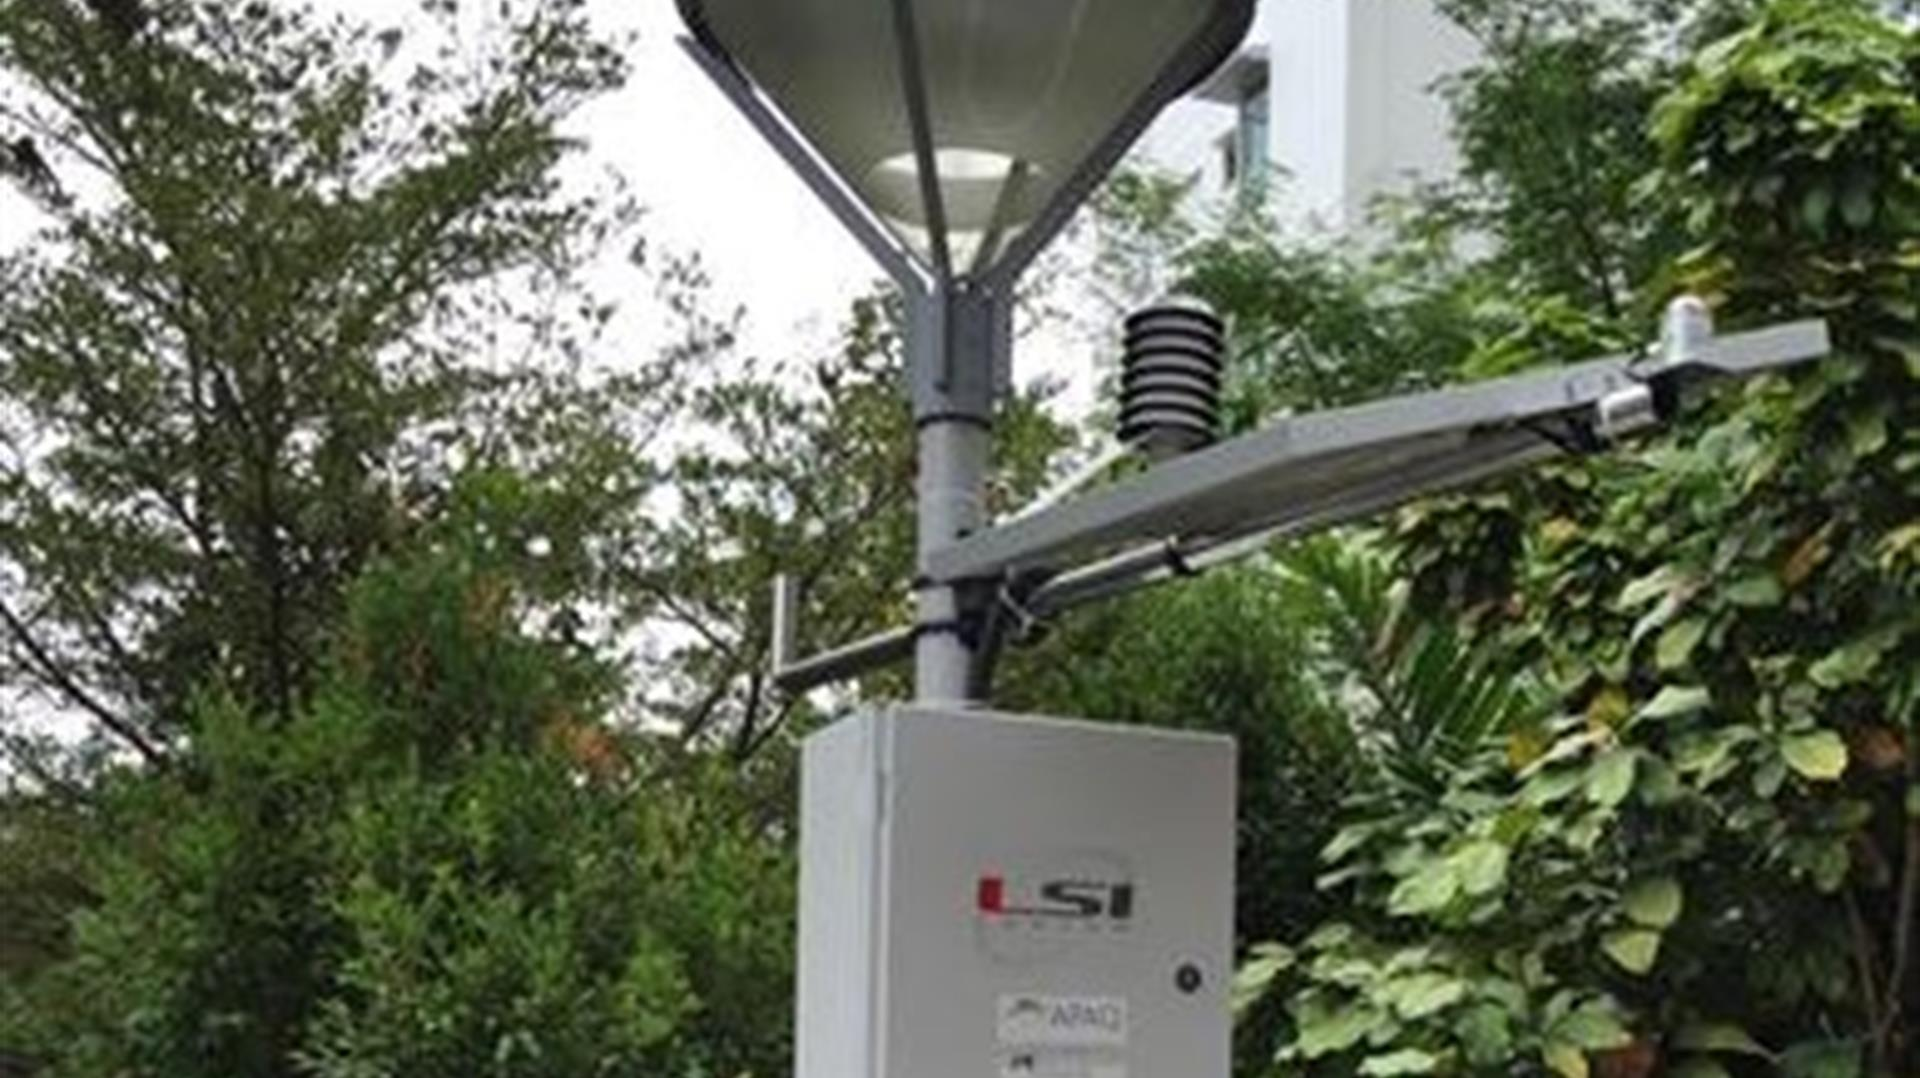 Monitoraggio meteorologico a scala locale per Singapore